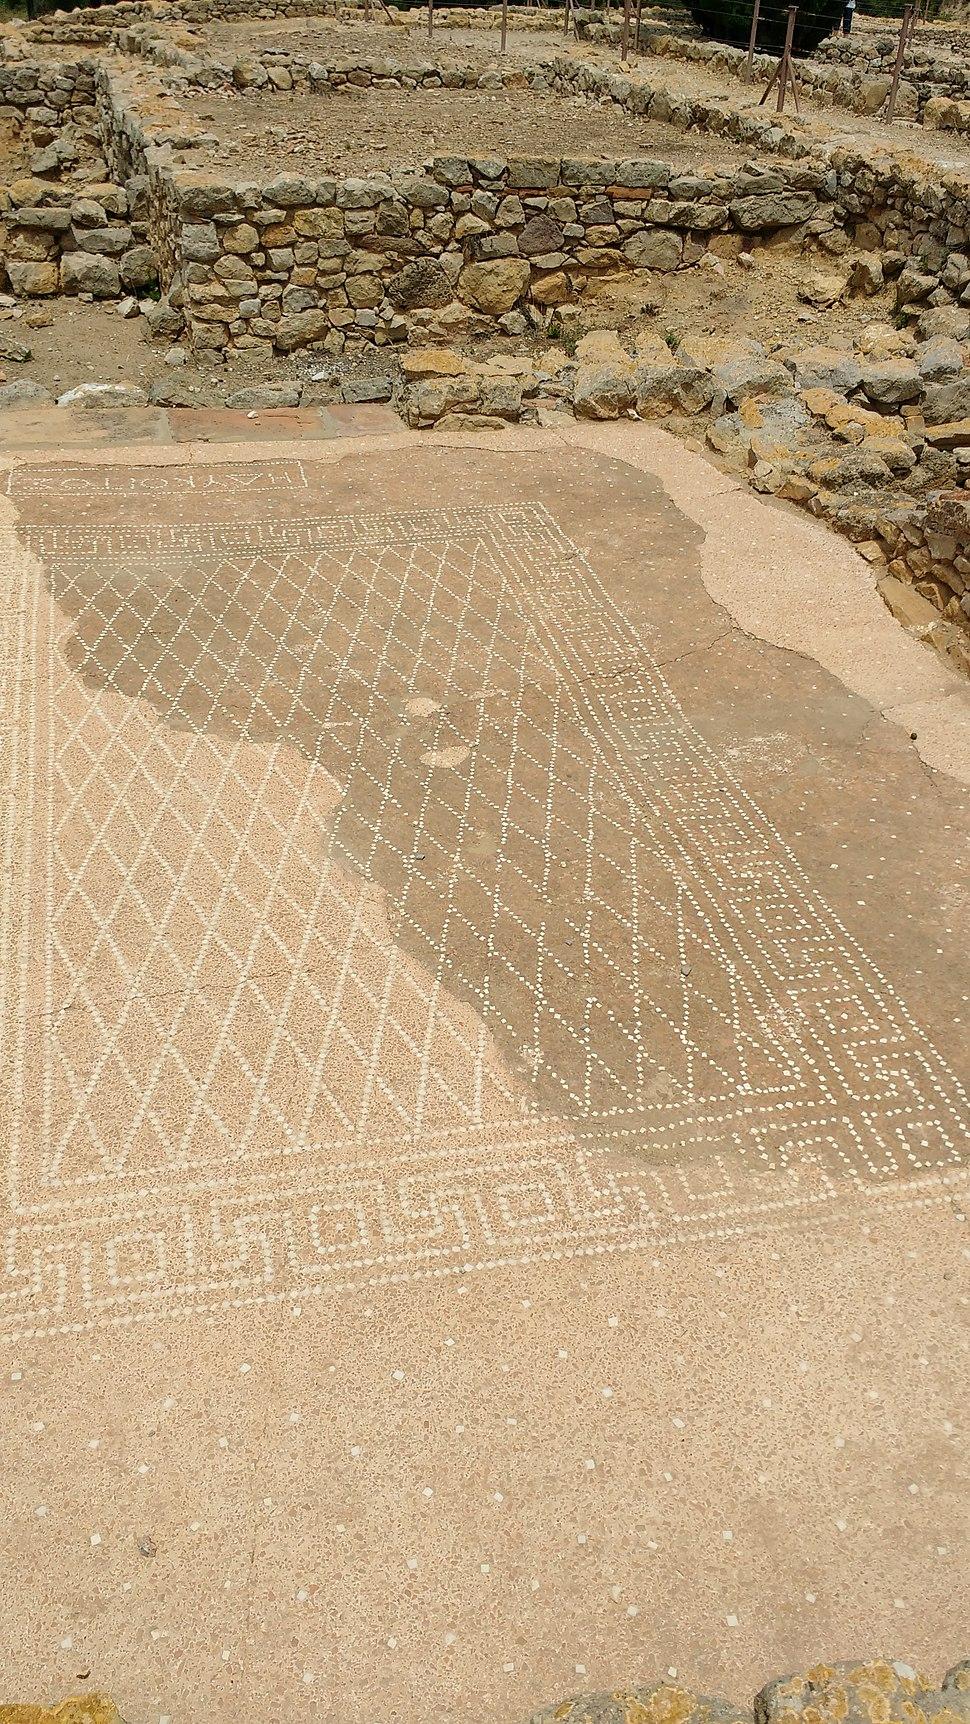 Greek mosiac at Empúries